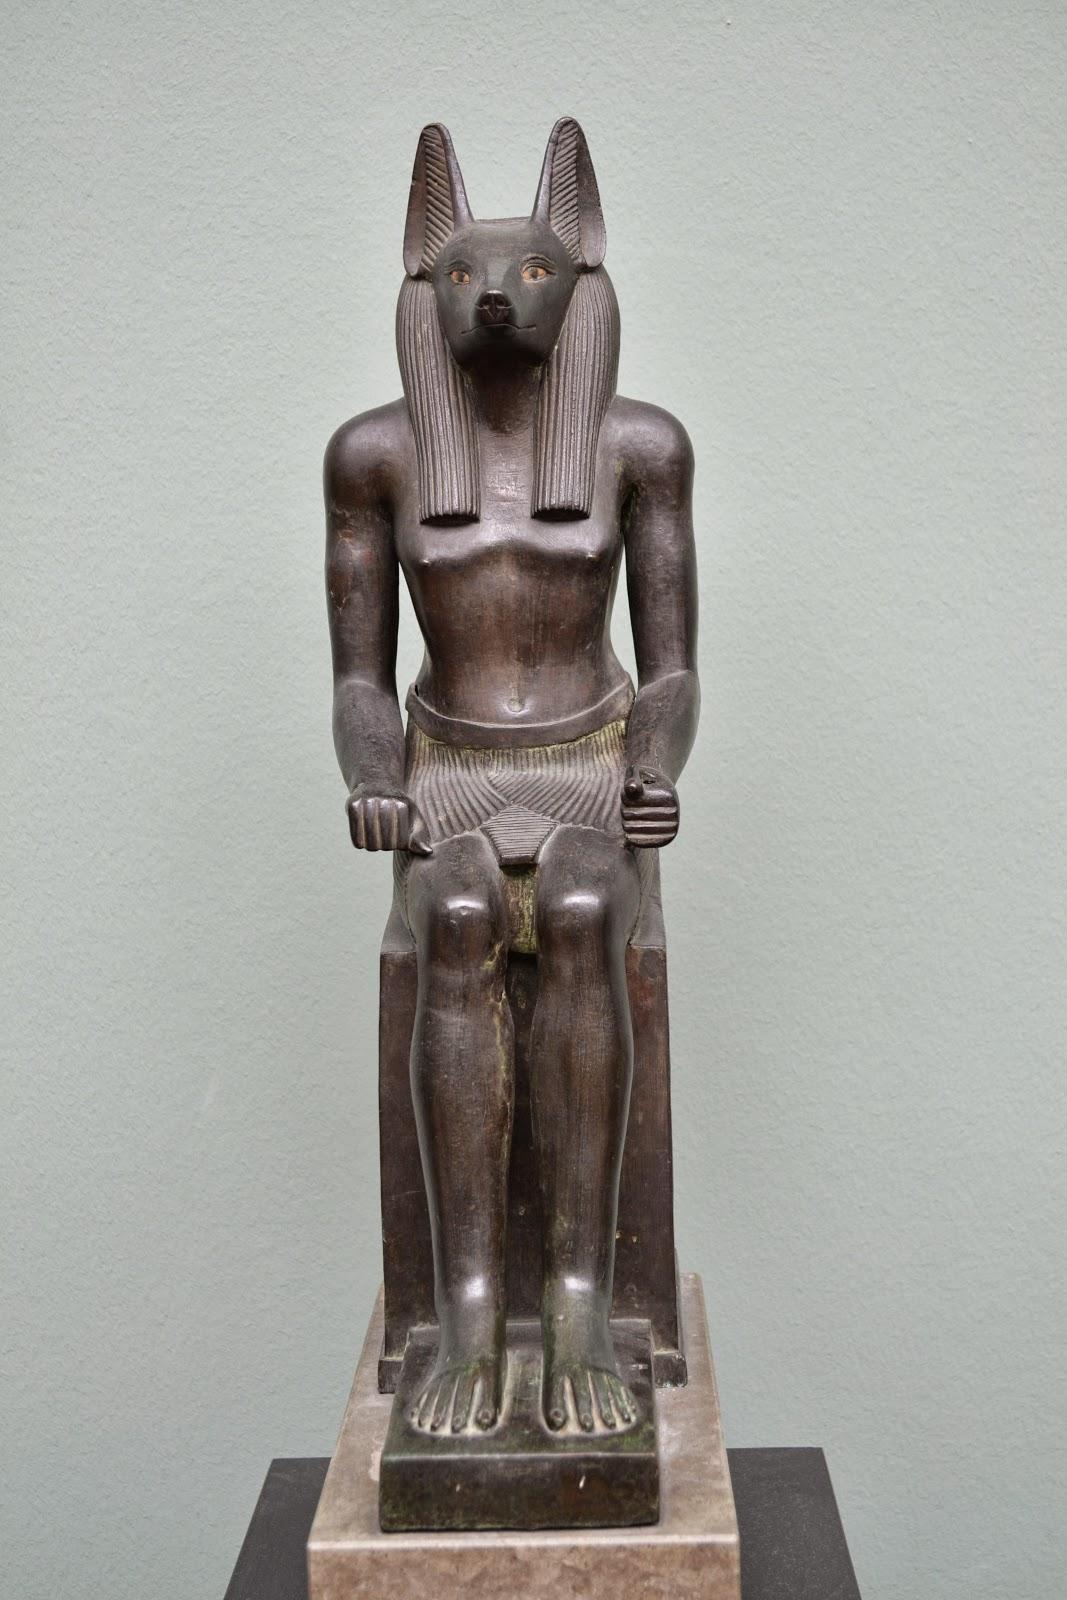 Egyptology sculpture at Ny Carlsberg Glyptotek